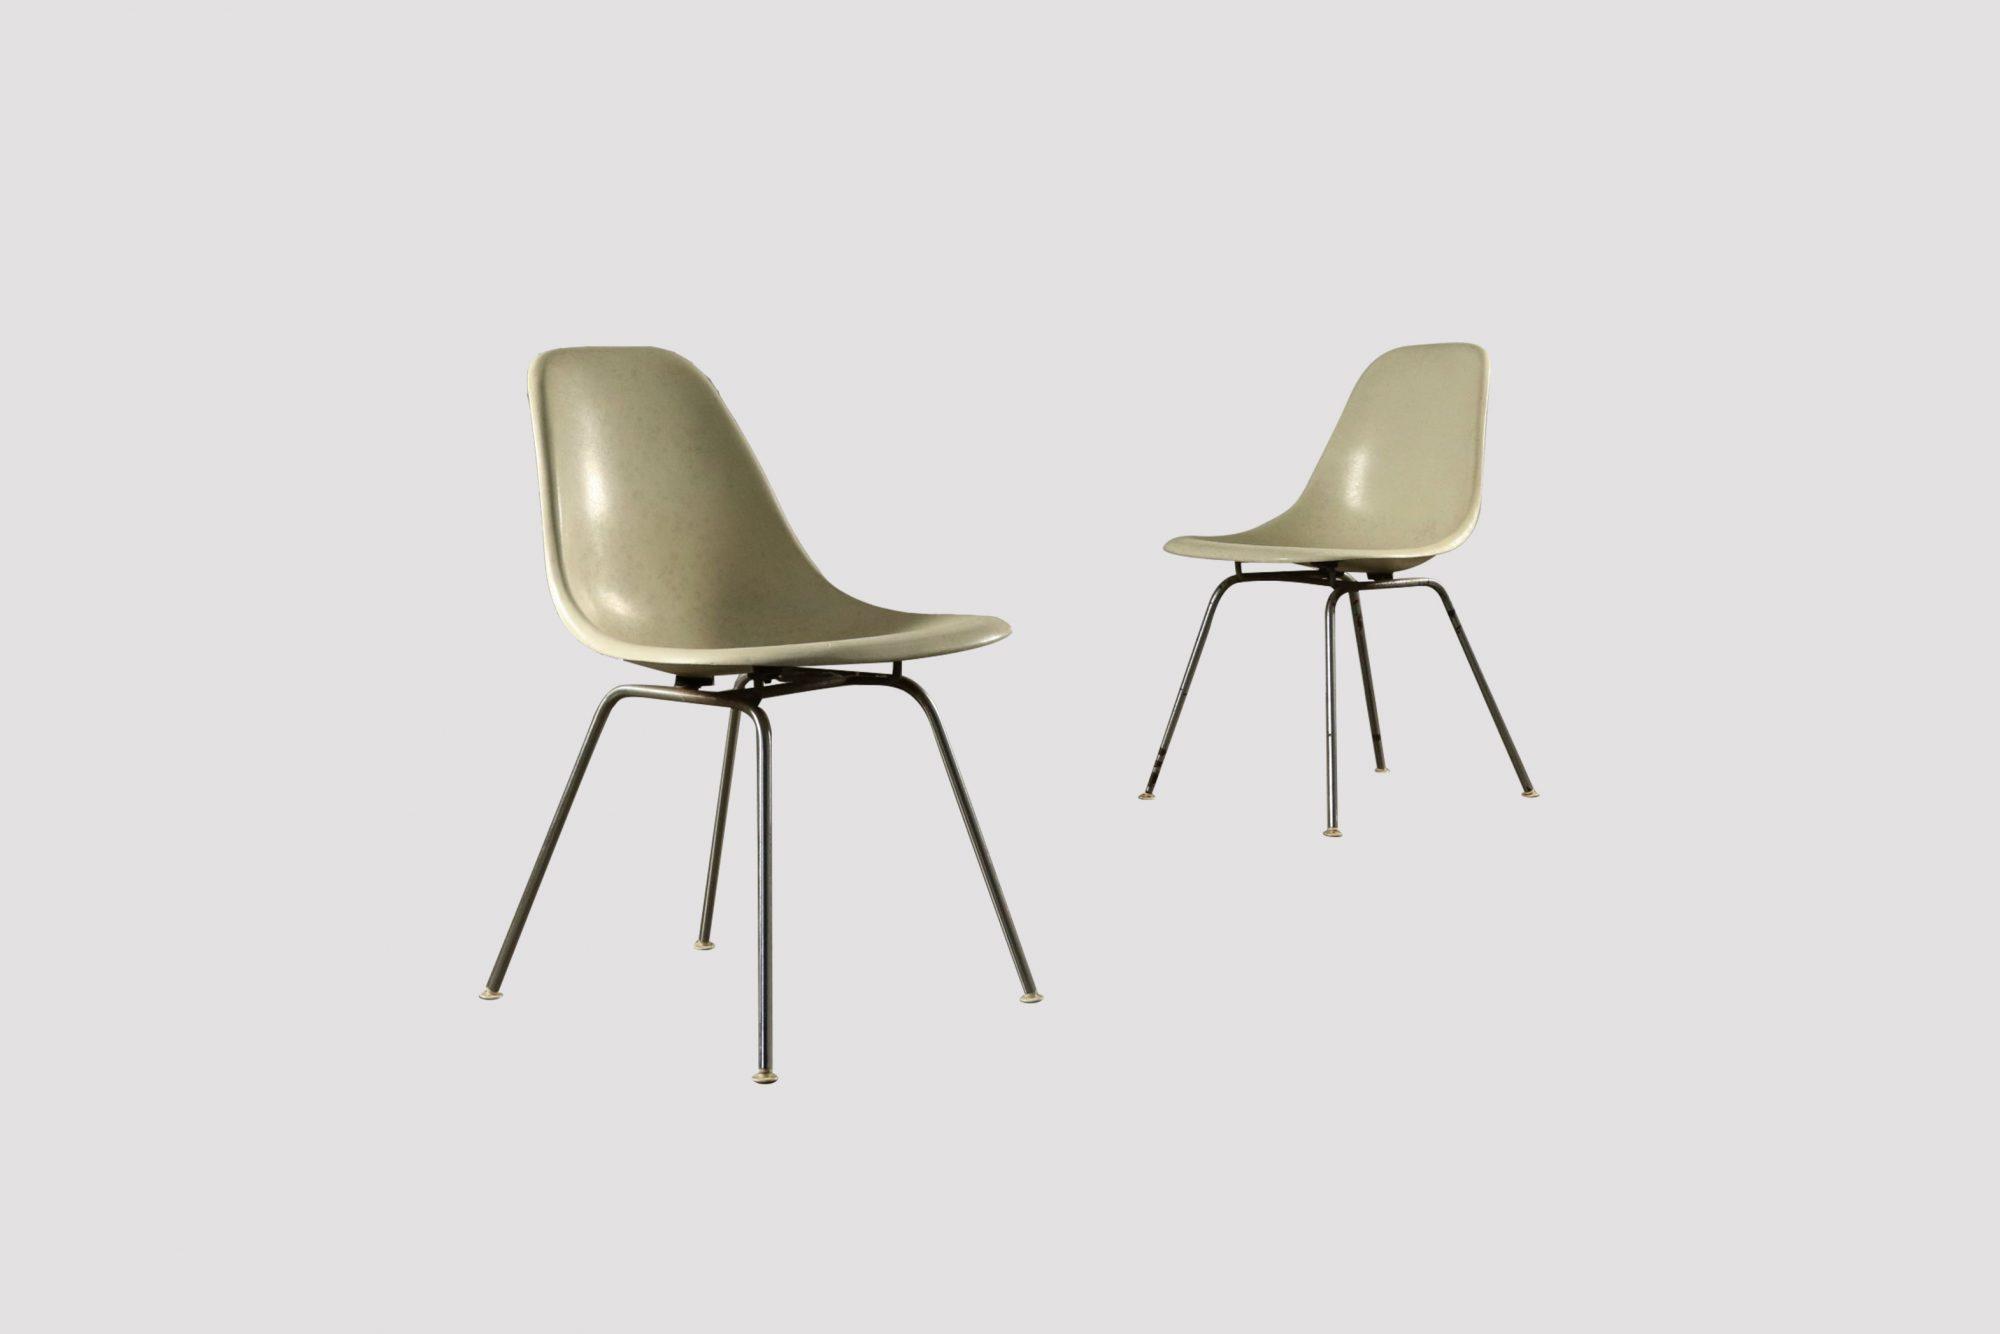 Sedie Charles e Ray Eames